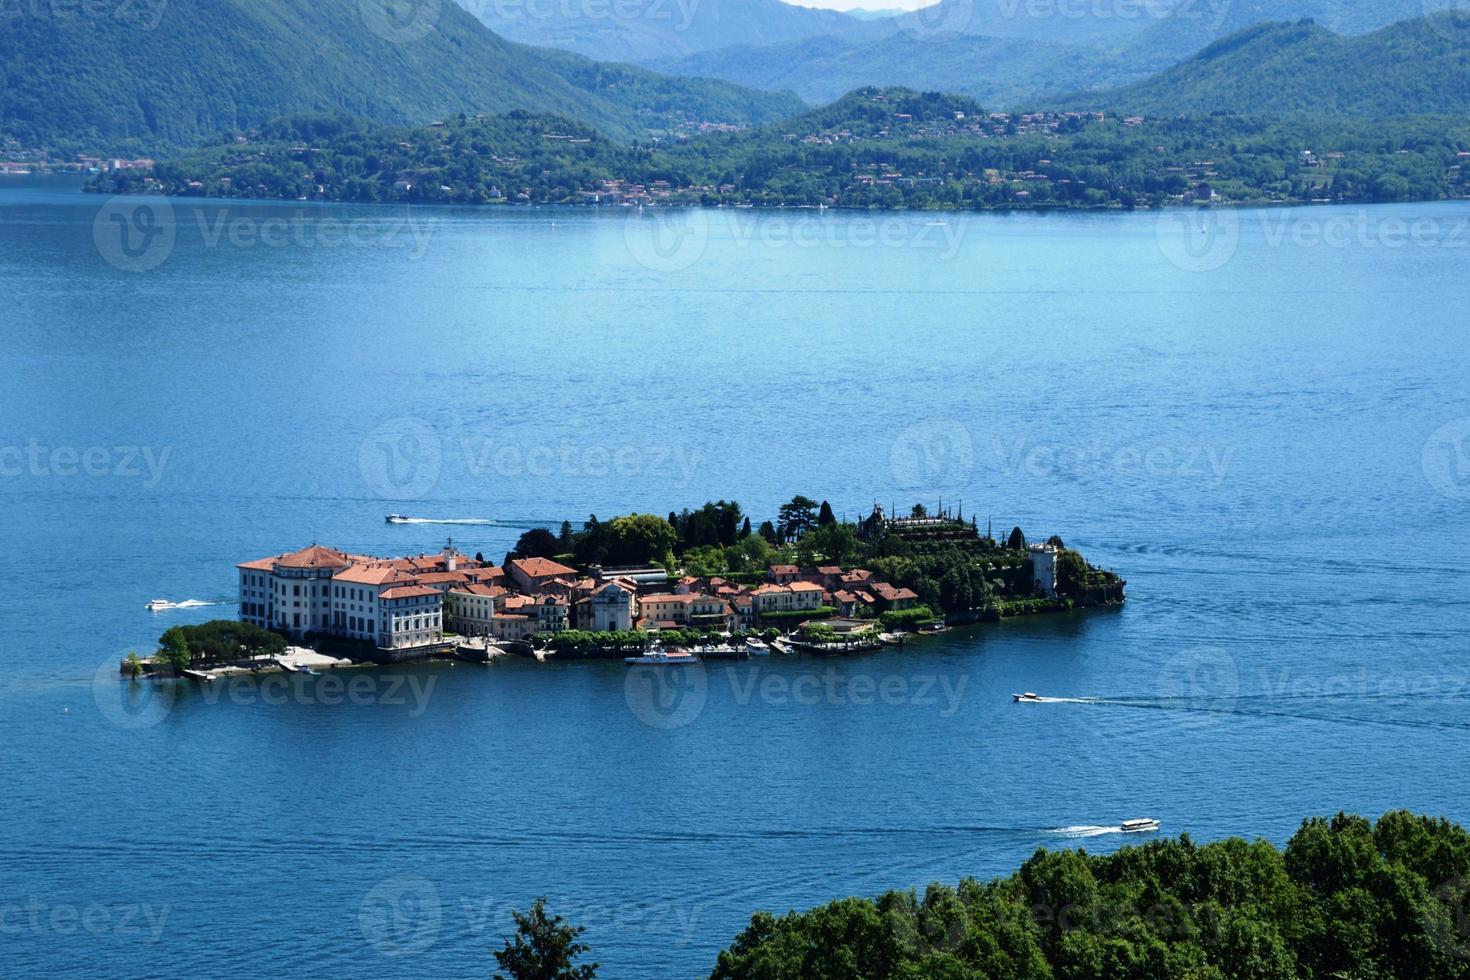 isola bella lago maggiore in italien foto